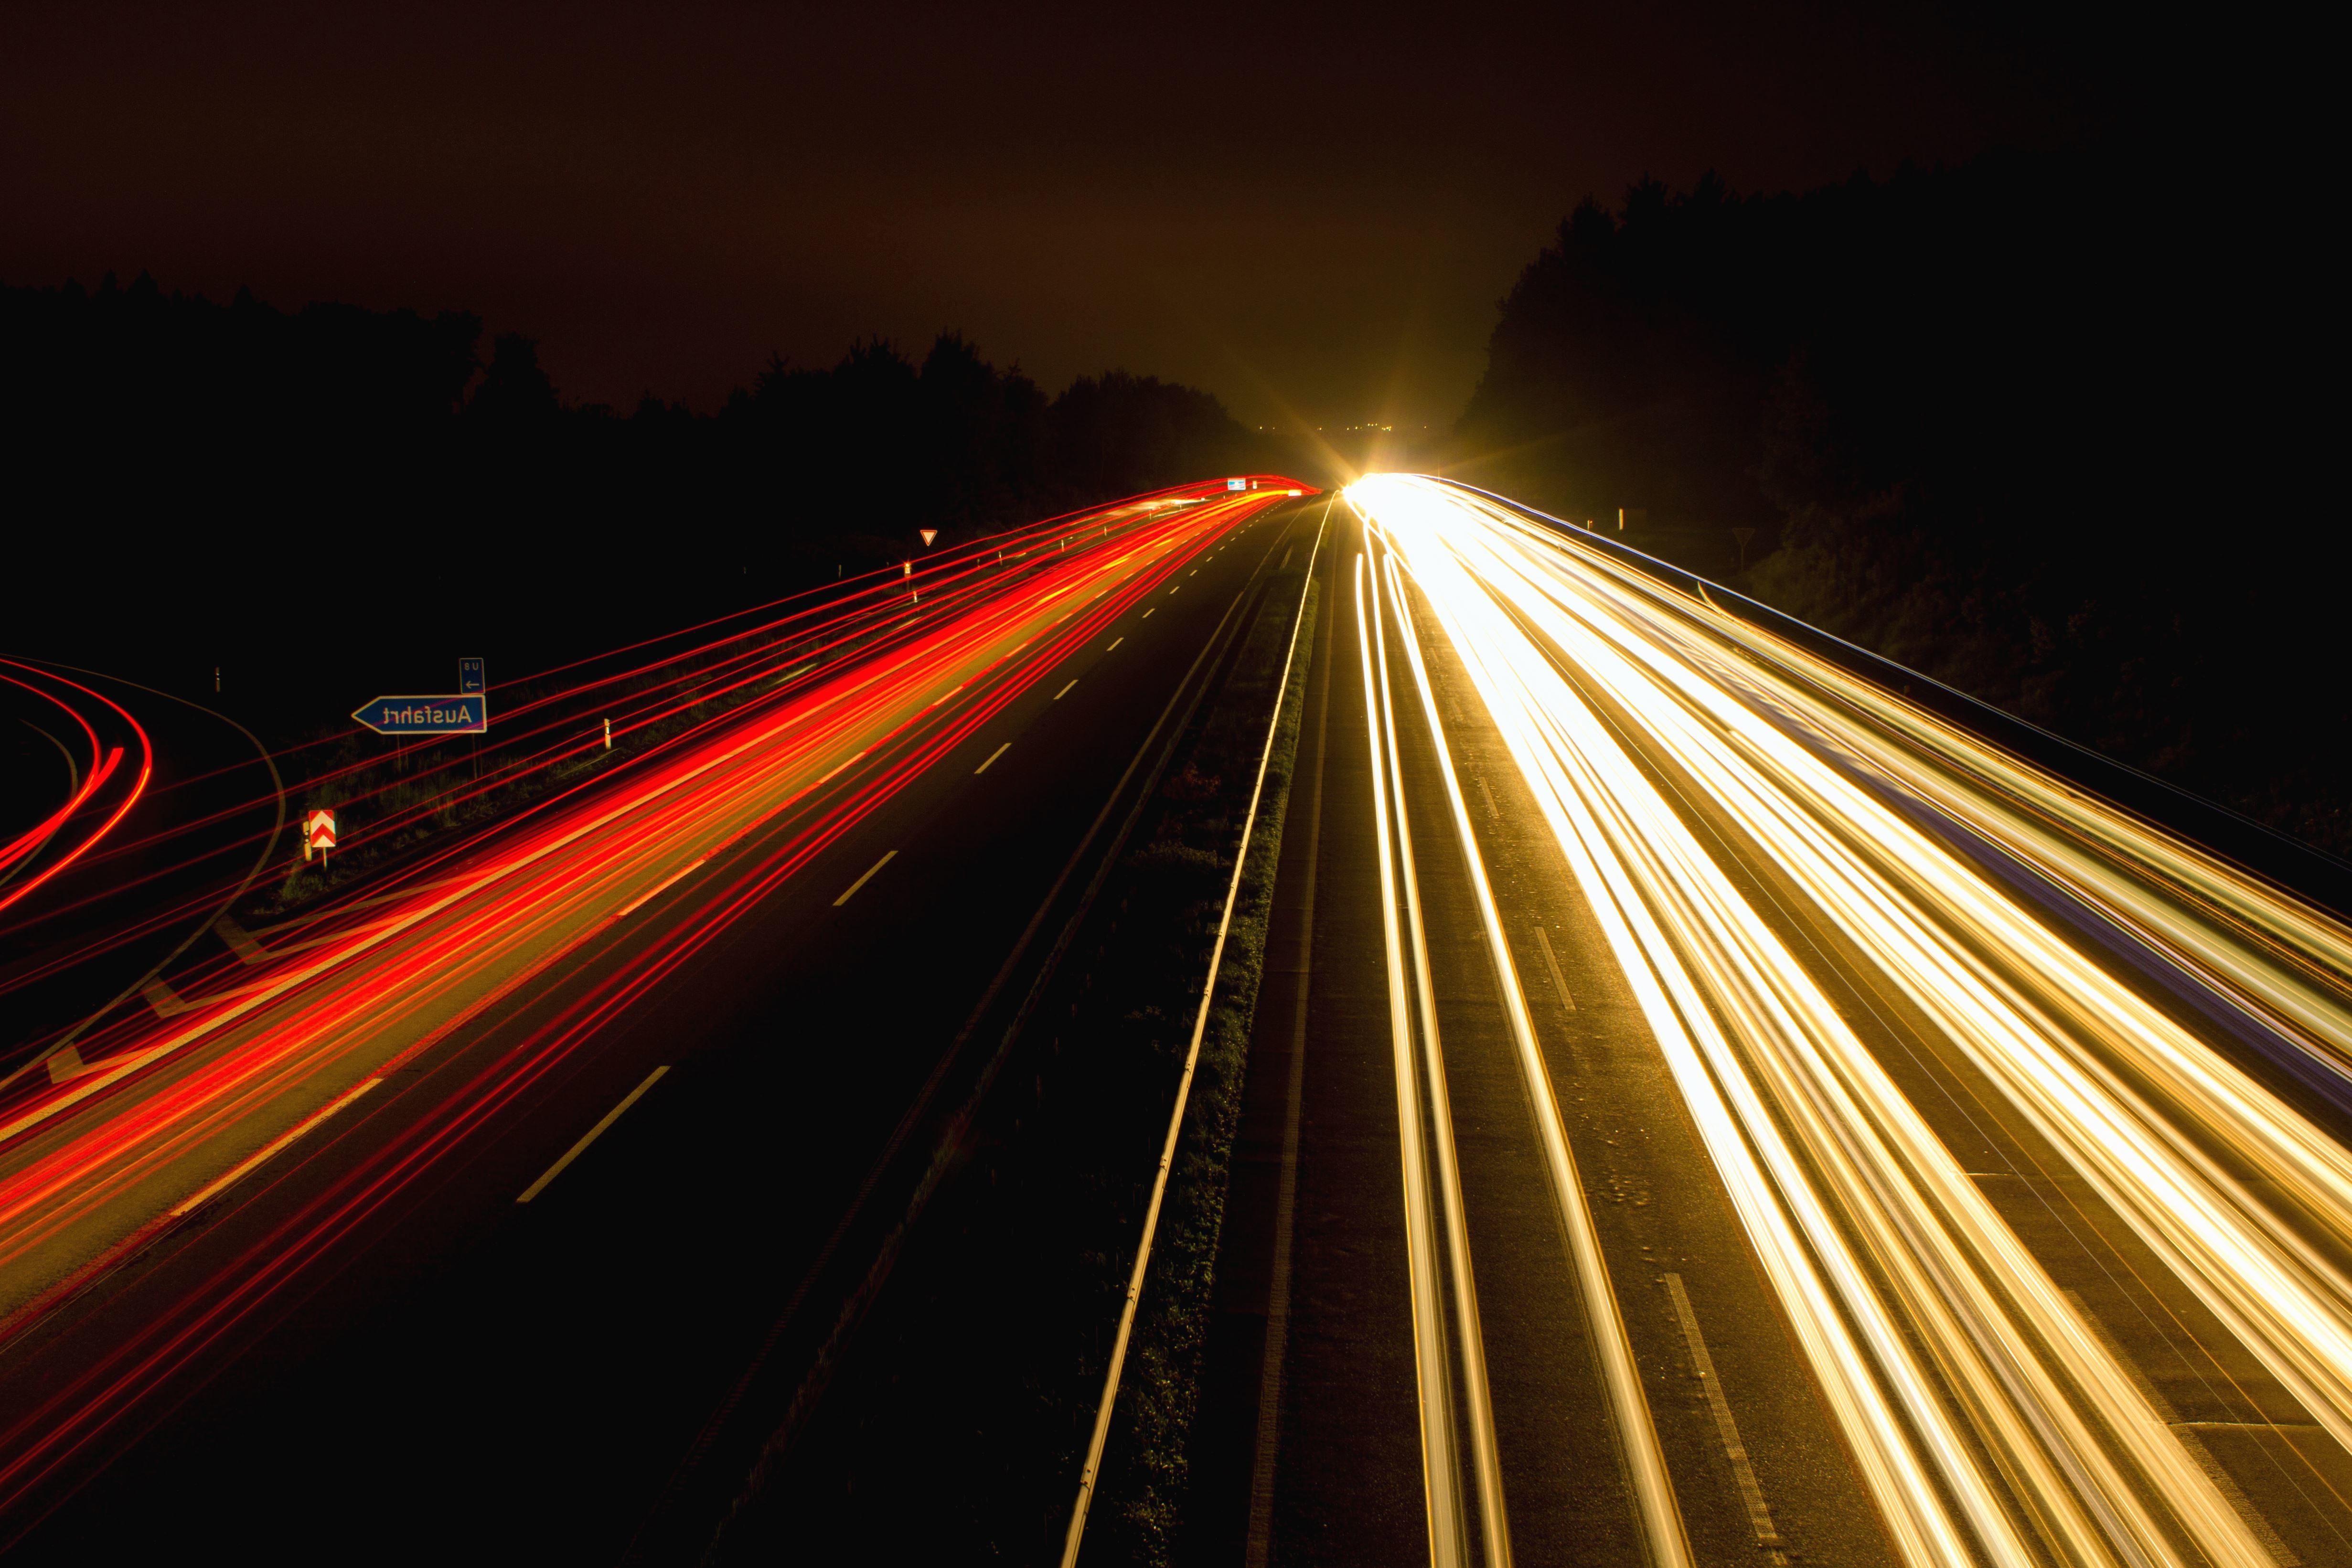 Foto gratis Luci notte autostrada autostrada velocit